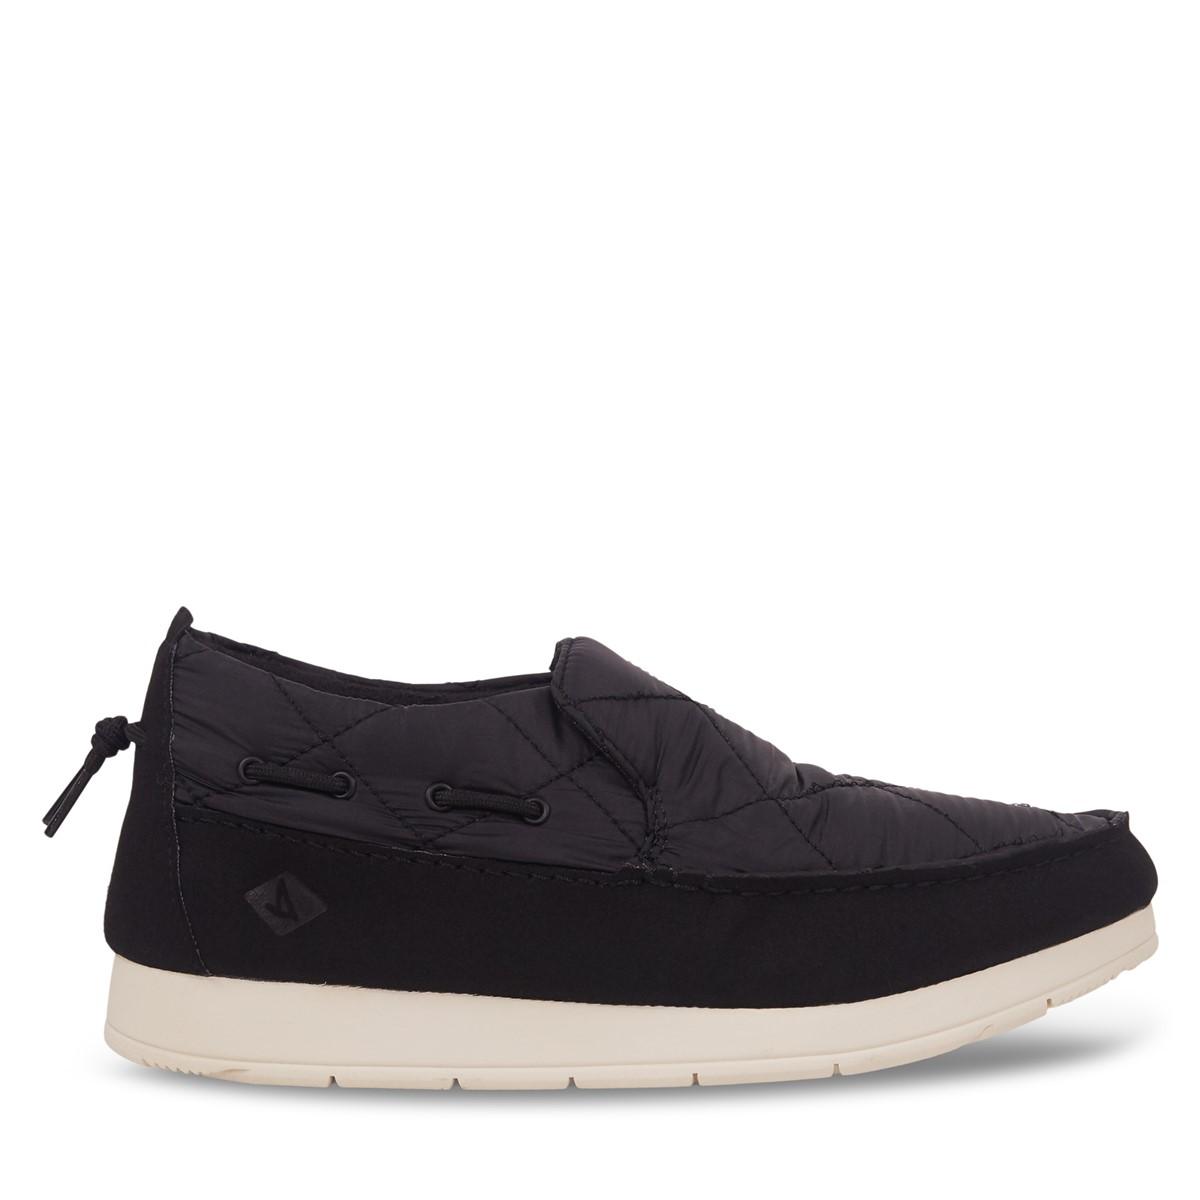 Men's Moc-Sider Slip-On Sneakers in Black